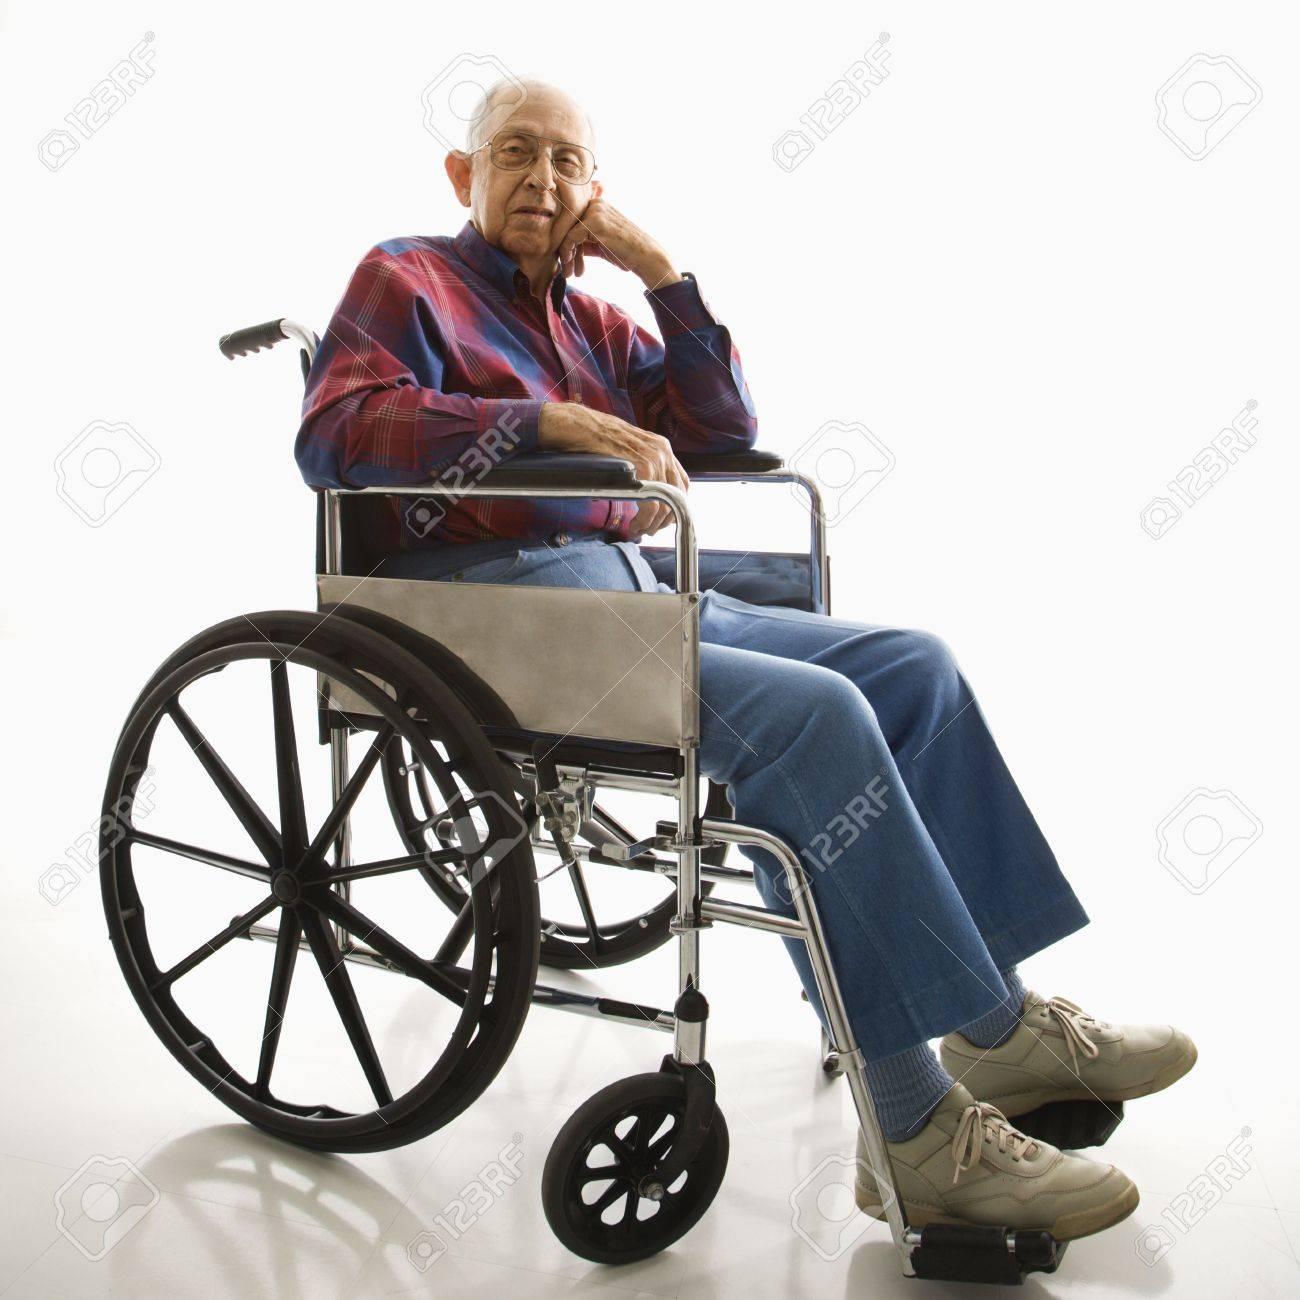 Portrait of Caucasion elderly man sitting in wheelchair. Stock Photo - 2425941